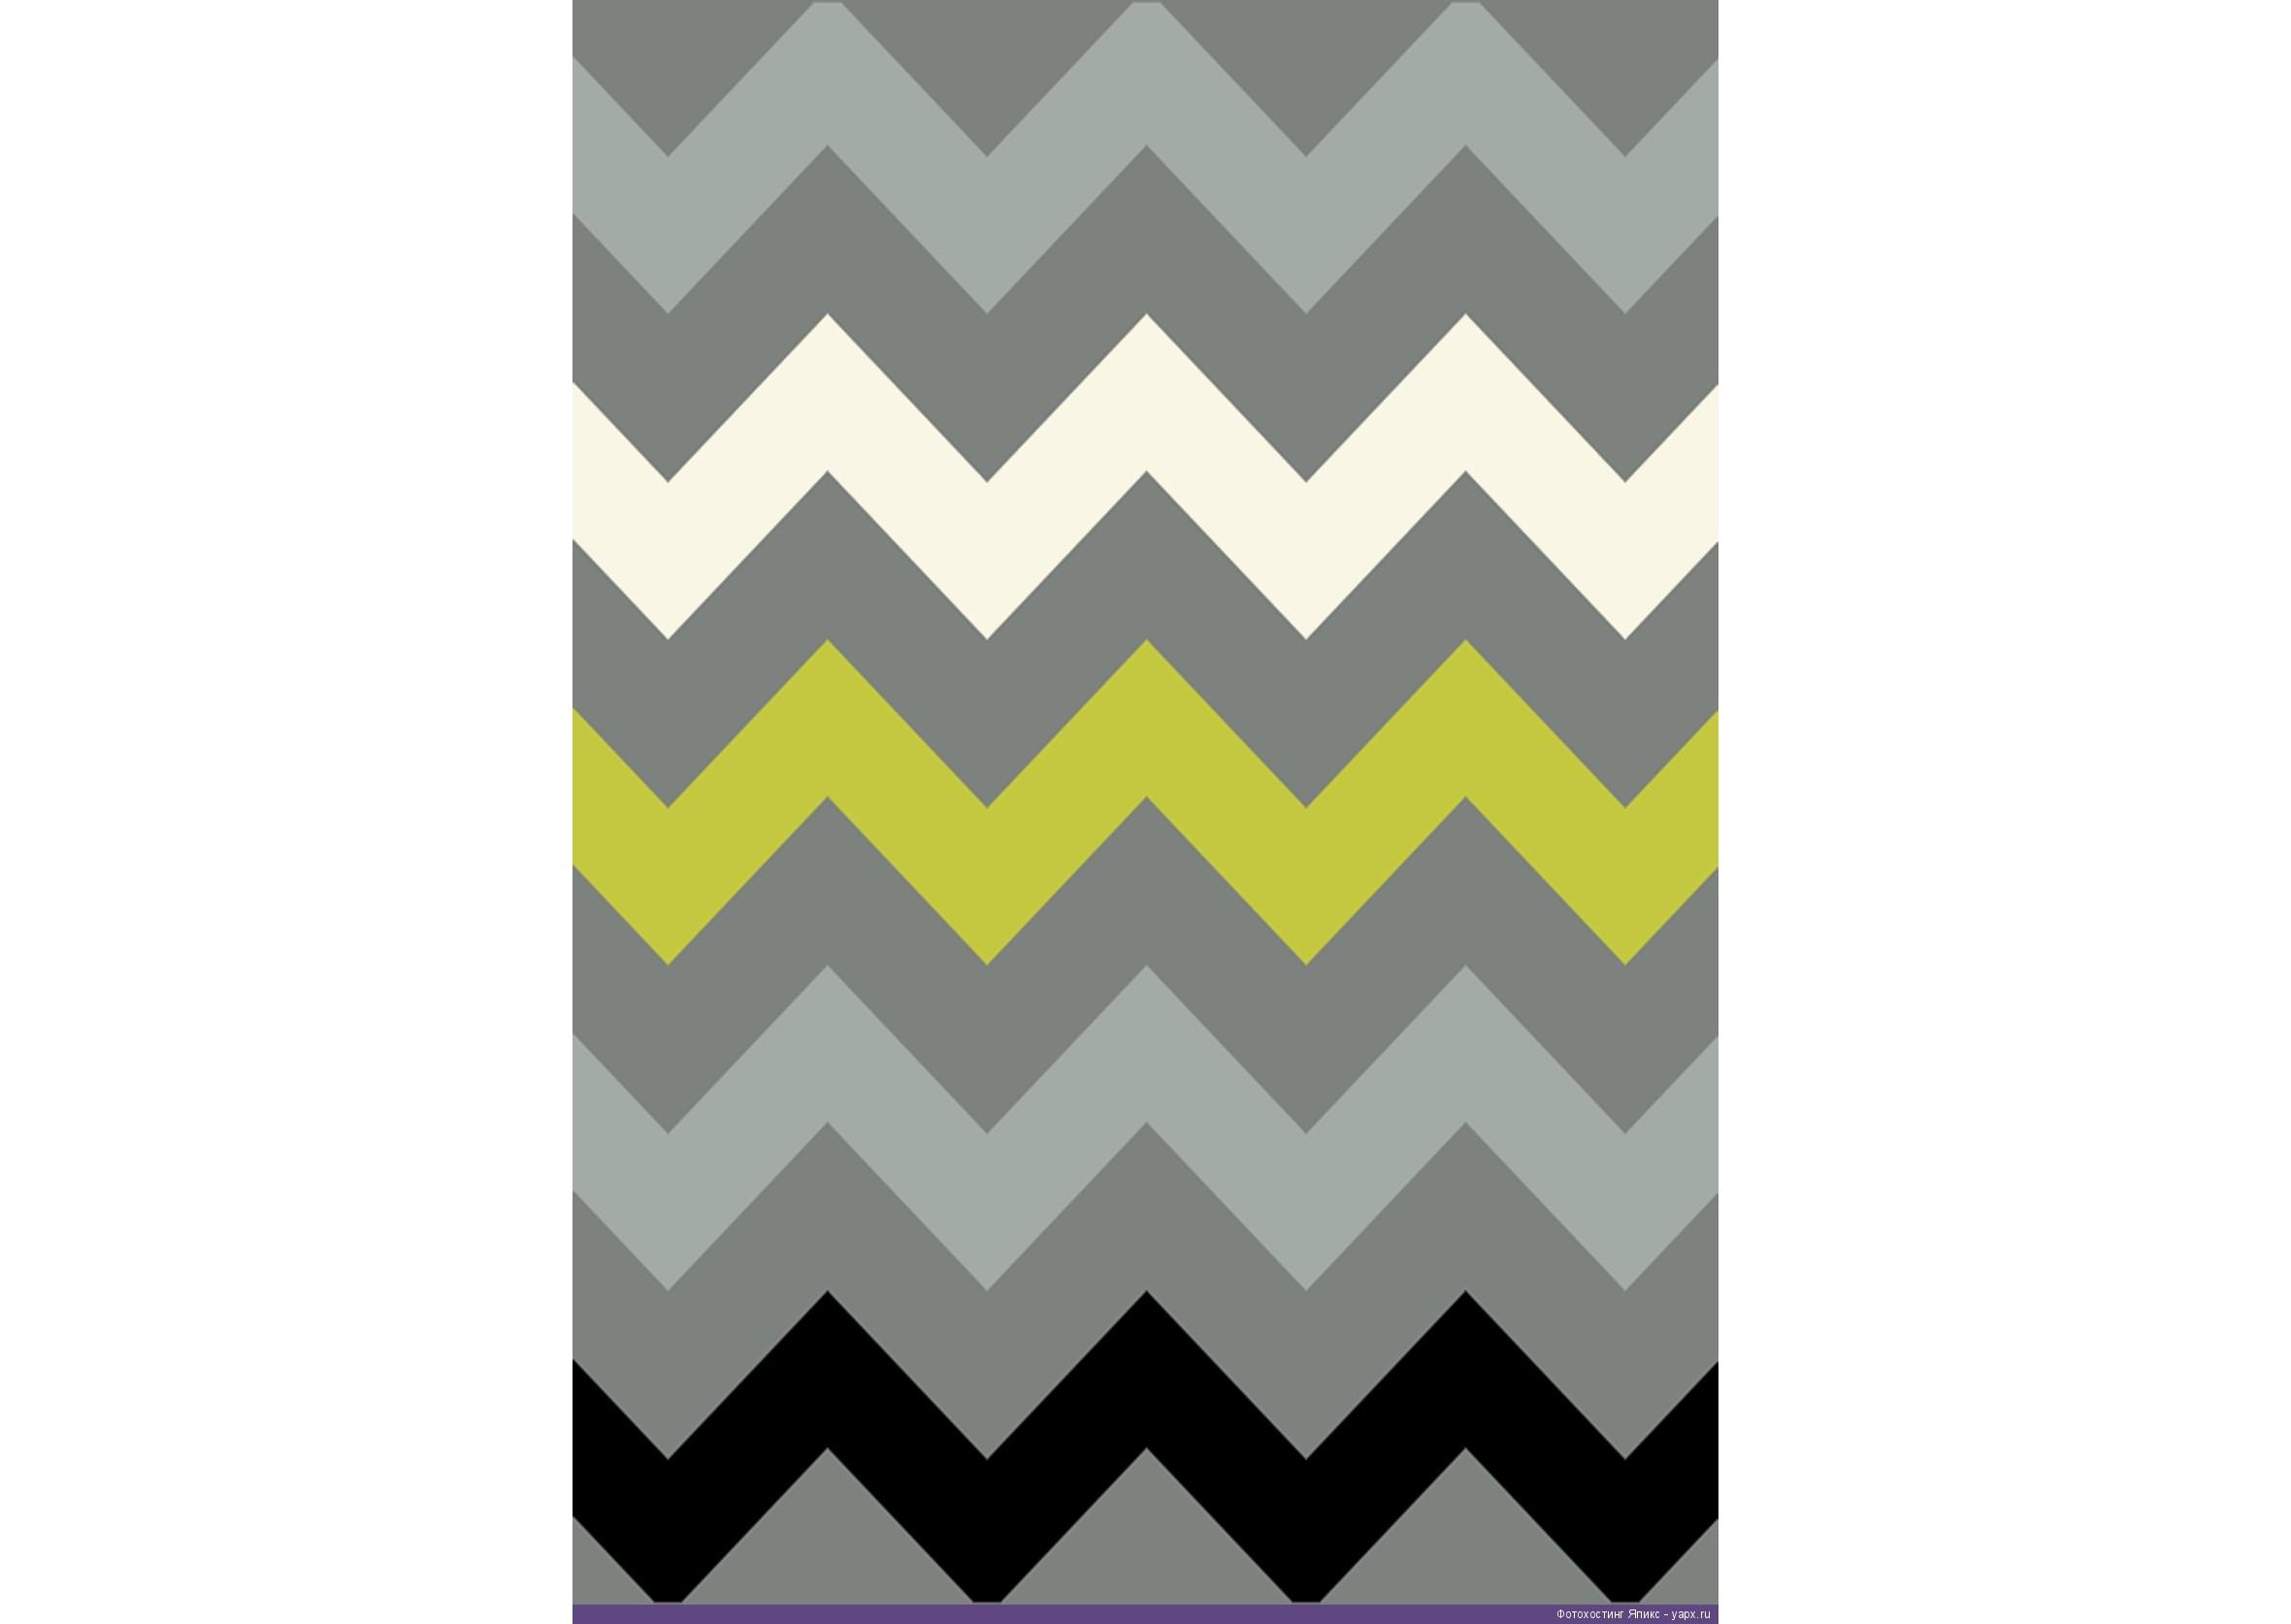 Ковер Flash 150х80Прямоугольные ковры<br>Материал: 100% Полипропилен.<br><br>Material: Текстиль<br>Ширина см: 150<br>Глубина см: 80